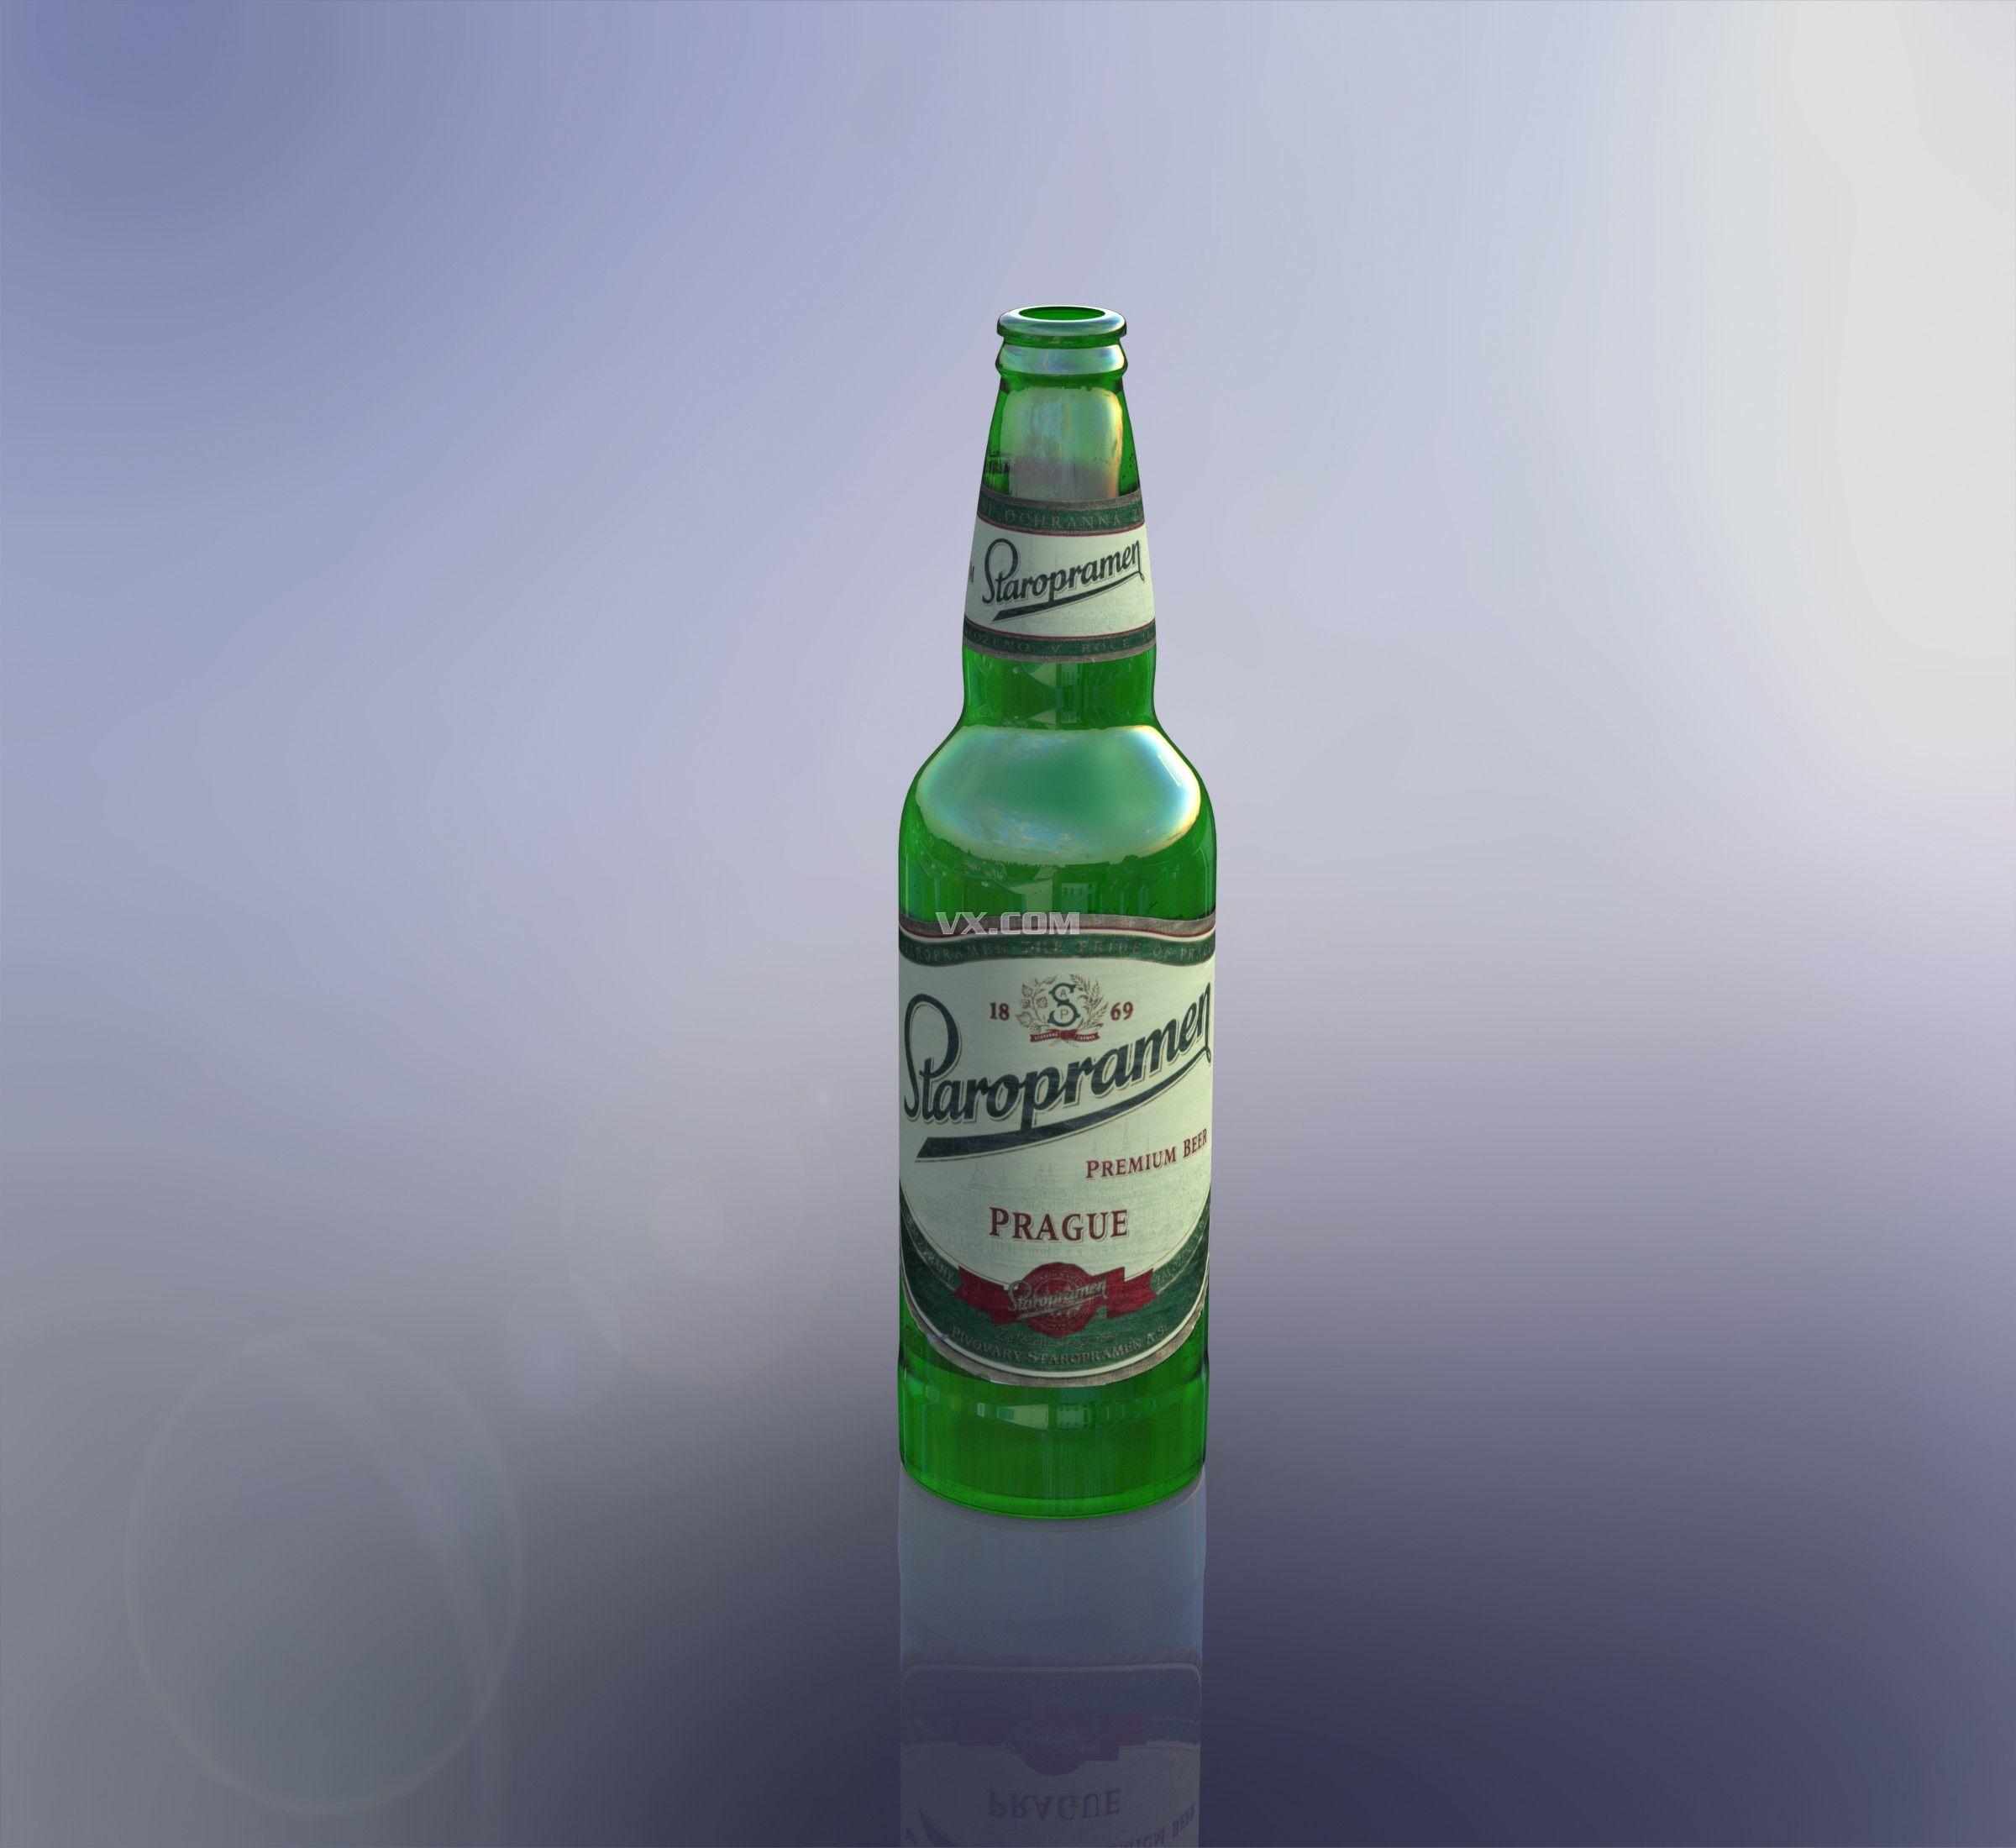 啤酒瓶_solidworks_包装